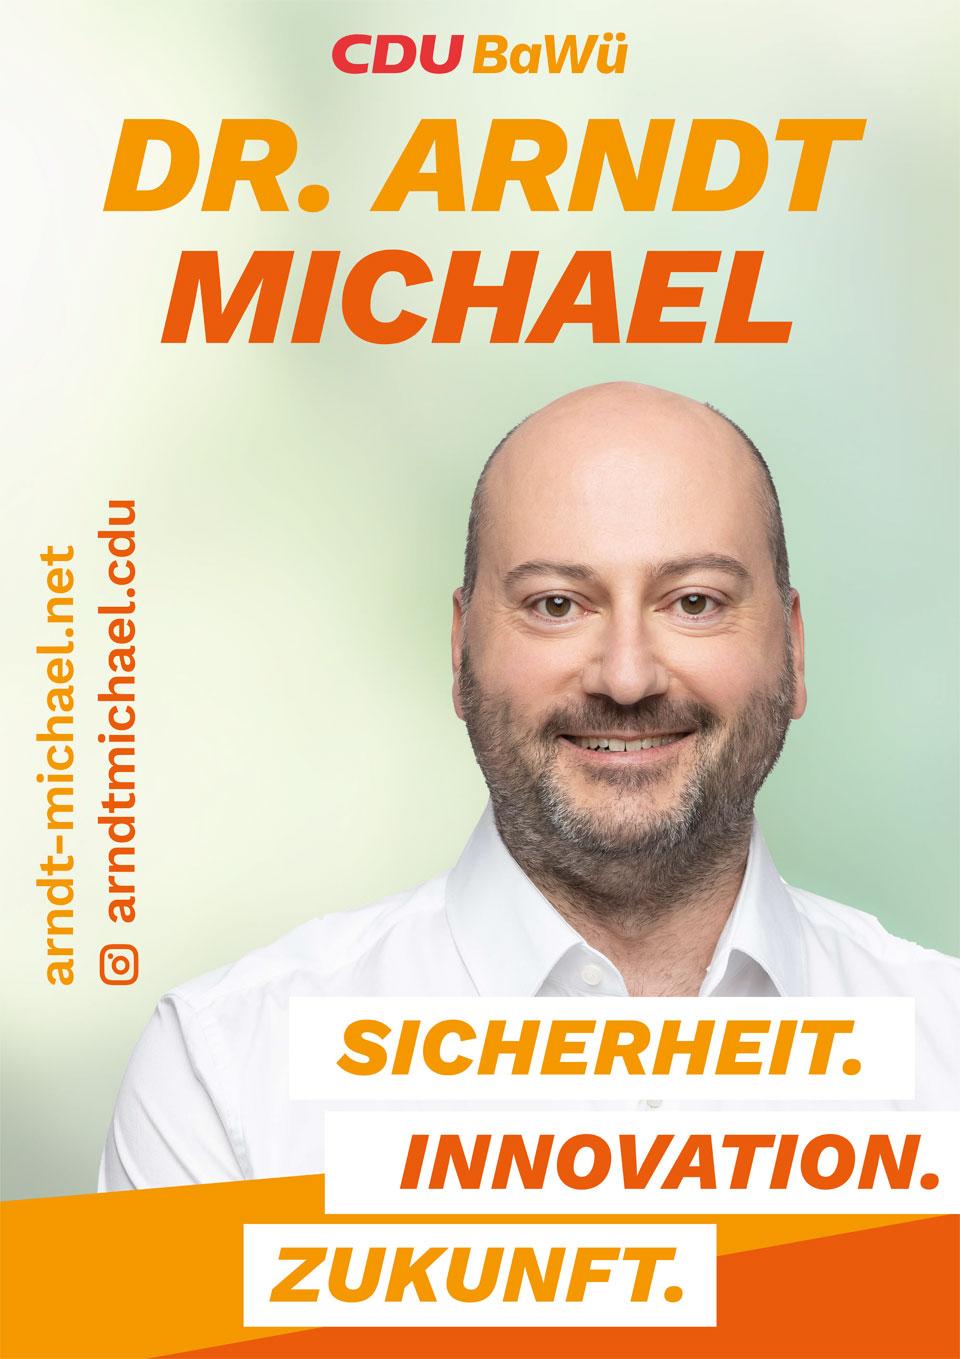 Dr. Arndt Michael - Landtagswahlen